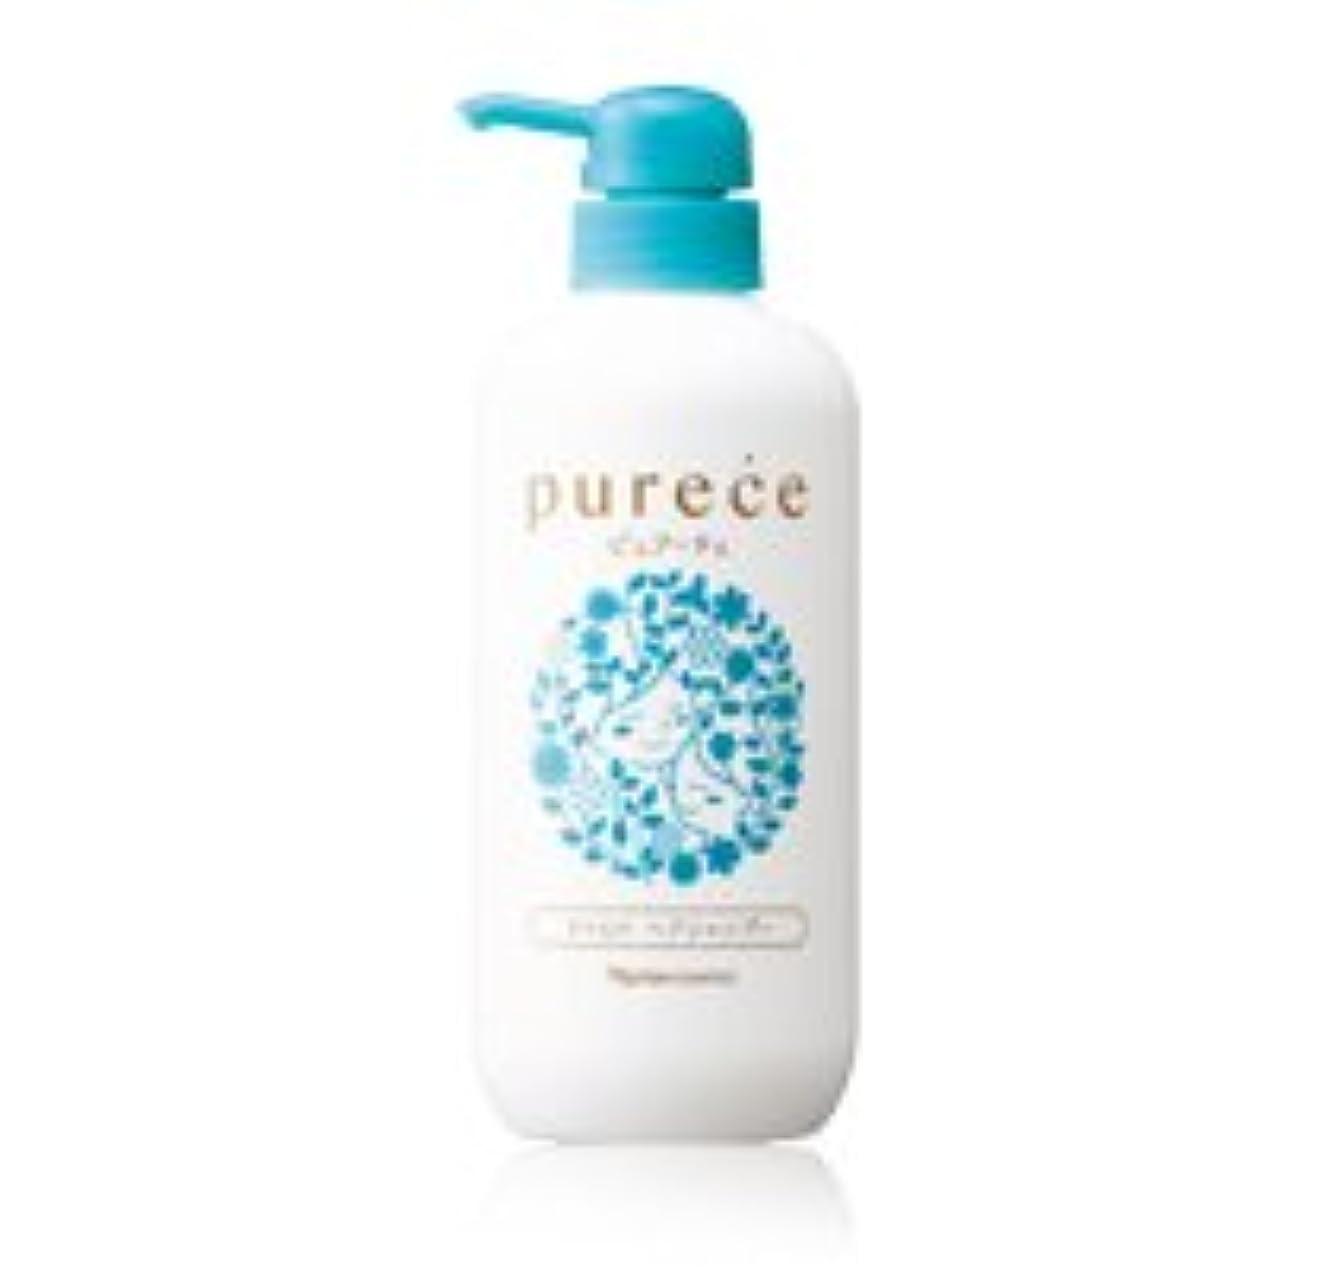 チャンススパン組み込むナリス化粧品 ピュアーチェ(PURECE) マイルドヘアシャンプー LS 550ml [本体]